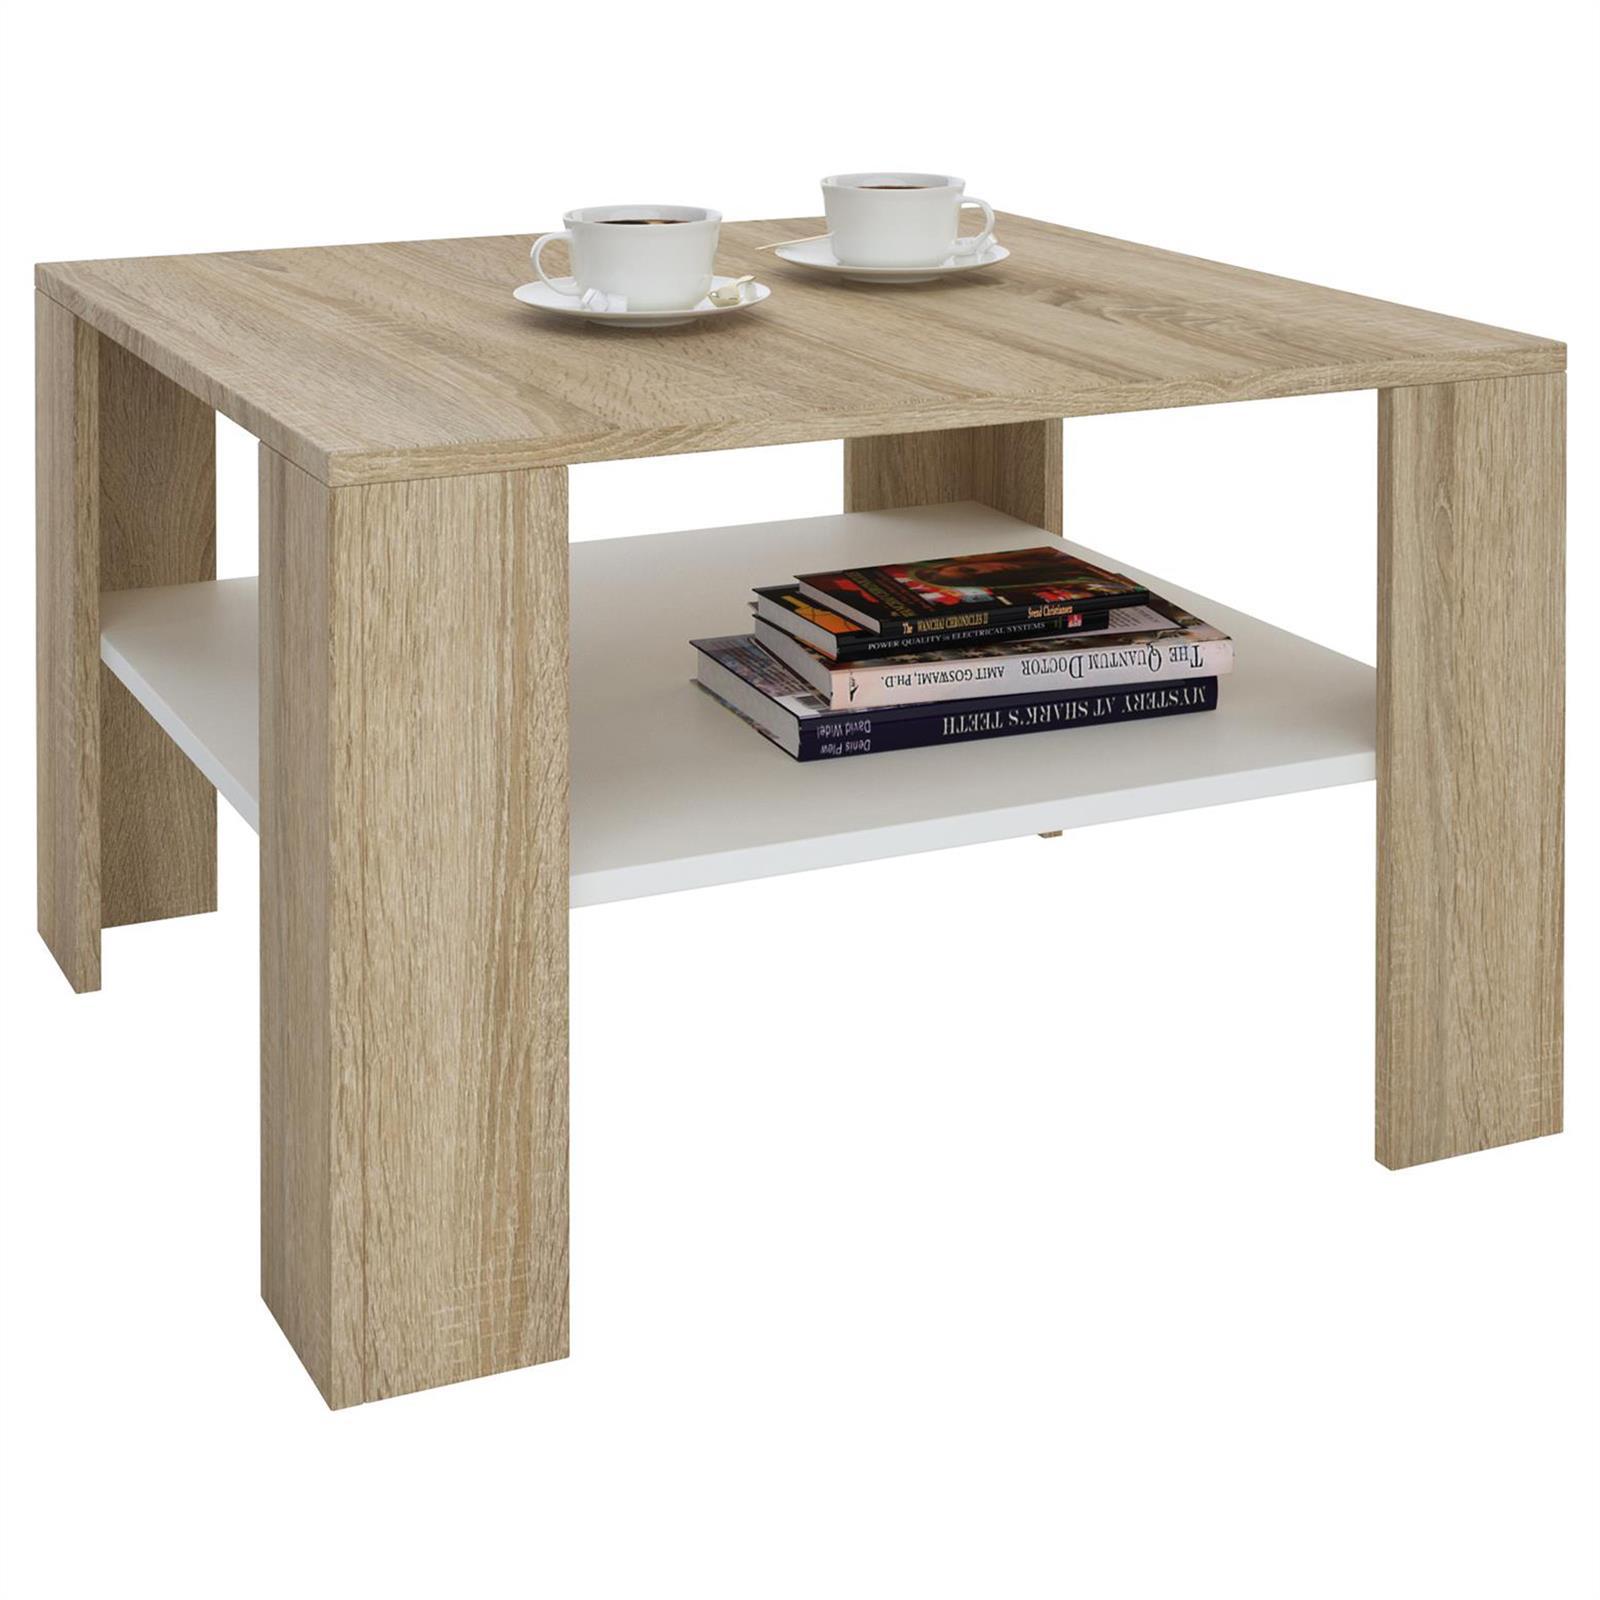 Table Basse Table De Salon Structure Mdf D Cor 2 Coloris  # Table De Salon En Mdf